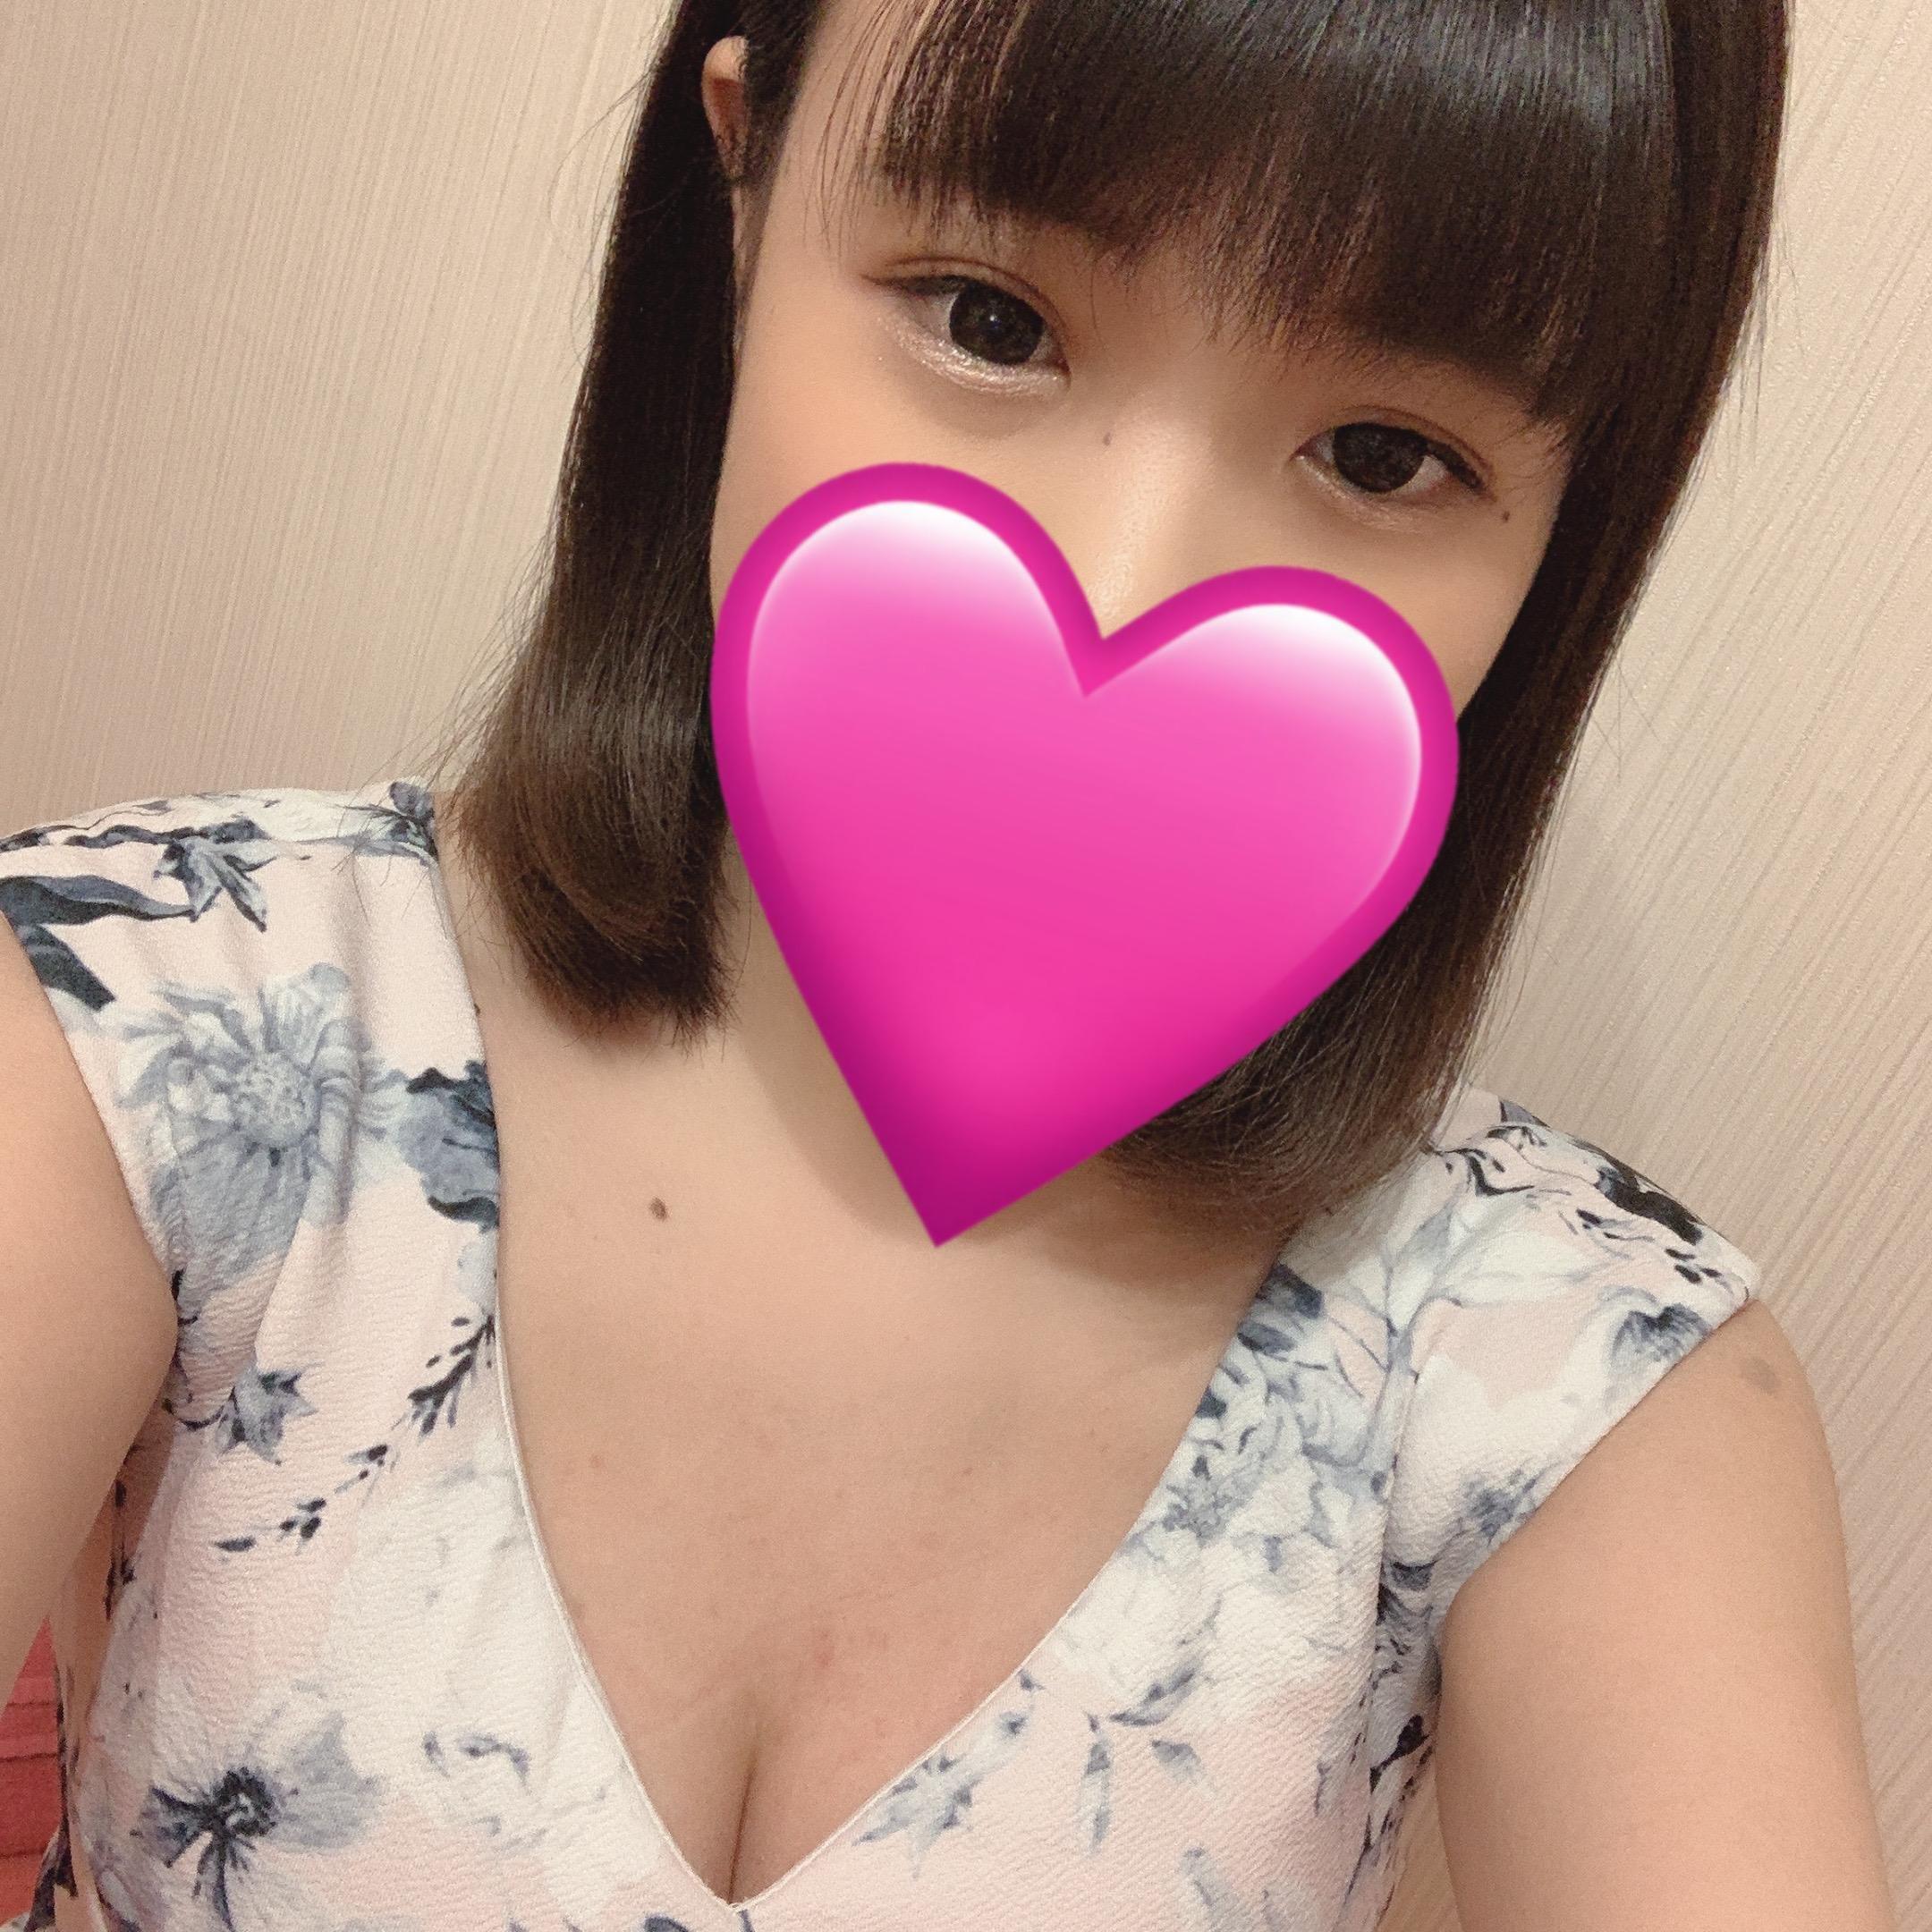 「明日!」03/29(03/29) 15:23 | えめの写メ・風俗動画